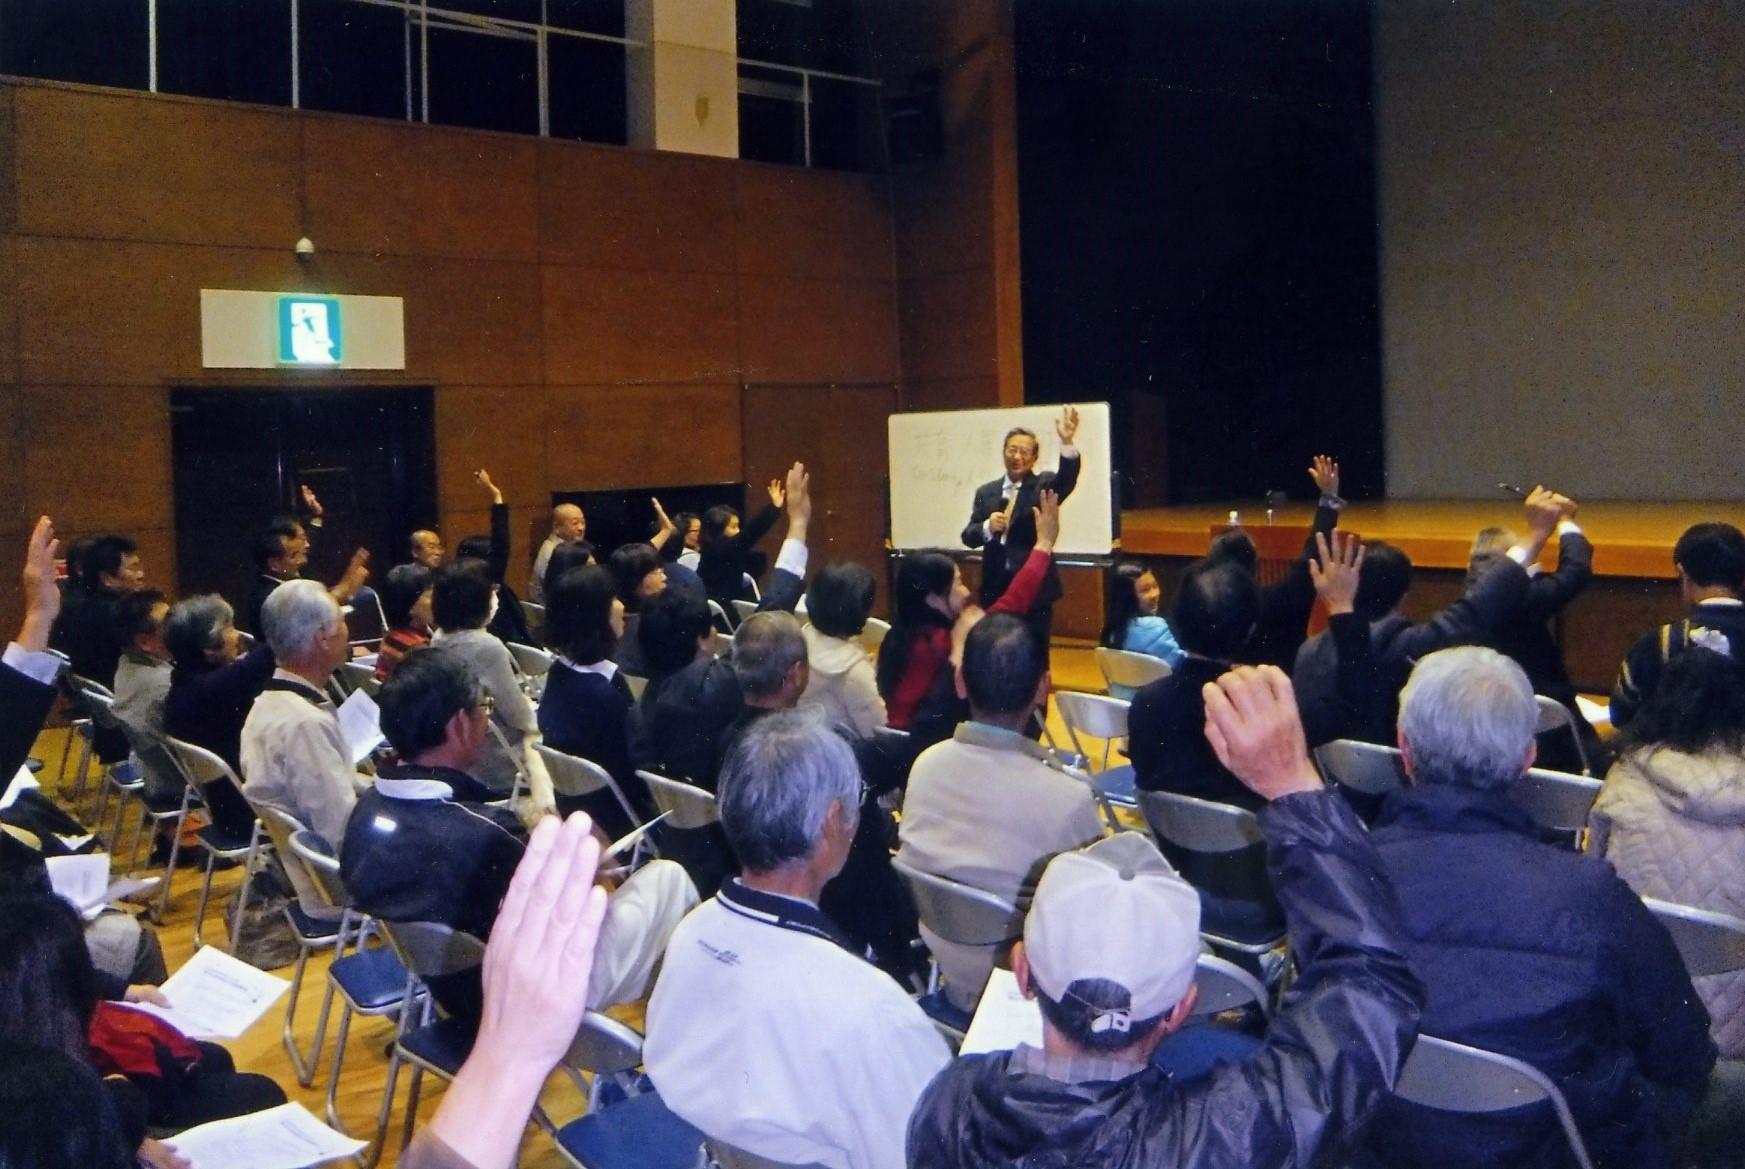 岡本小学校区・岩原小学校区出前セミナー 青少年健全育成会合同講演会 「あいさつとありがとう」で人生が変わる